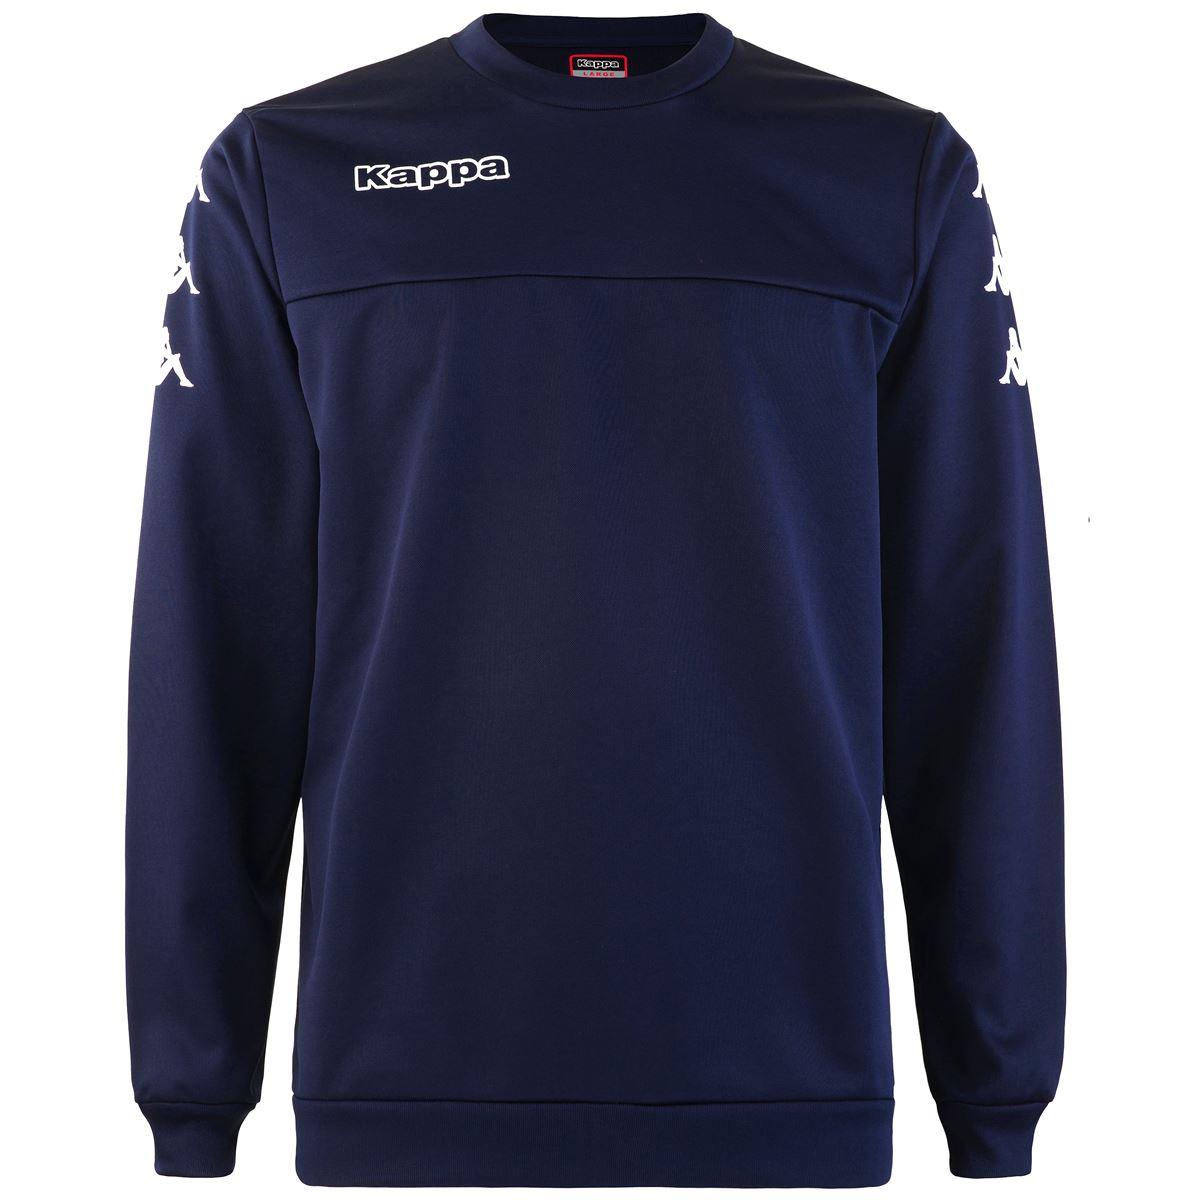 Kappa Fleece Sweater KAPPA4SOCCER BOUP Man Soccer sport Jumper